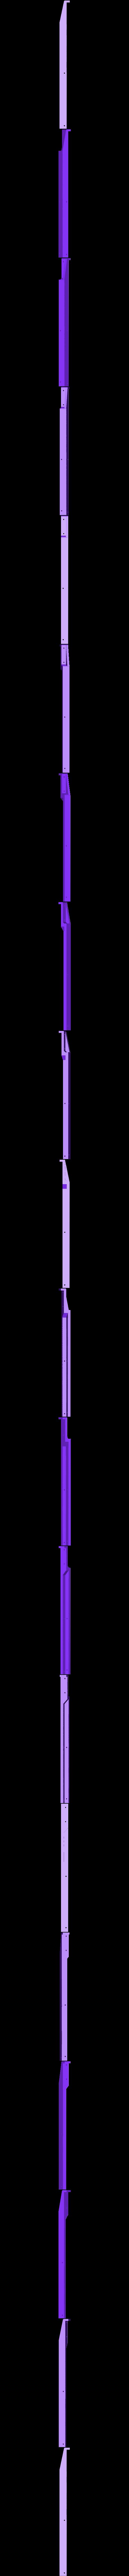 body_plane_R.stl Télécharger fichier STL gratuit RoboDog v1.0 • Modèle pour imprimante 3D, robolab19